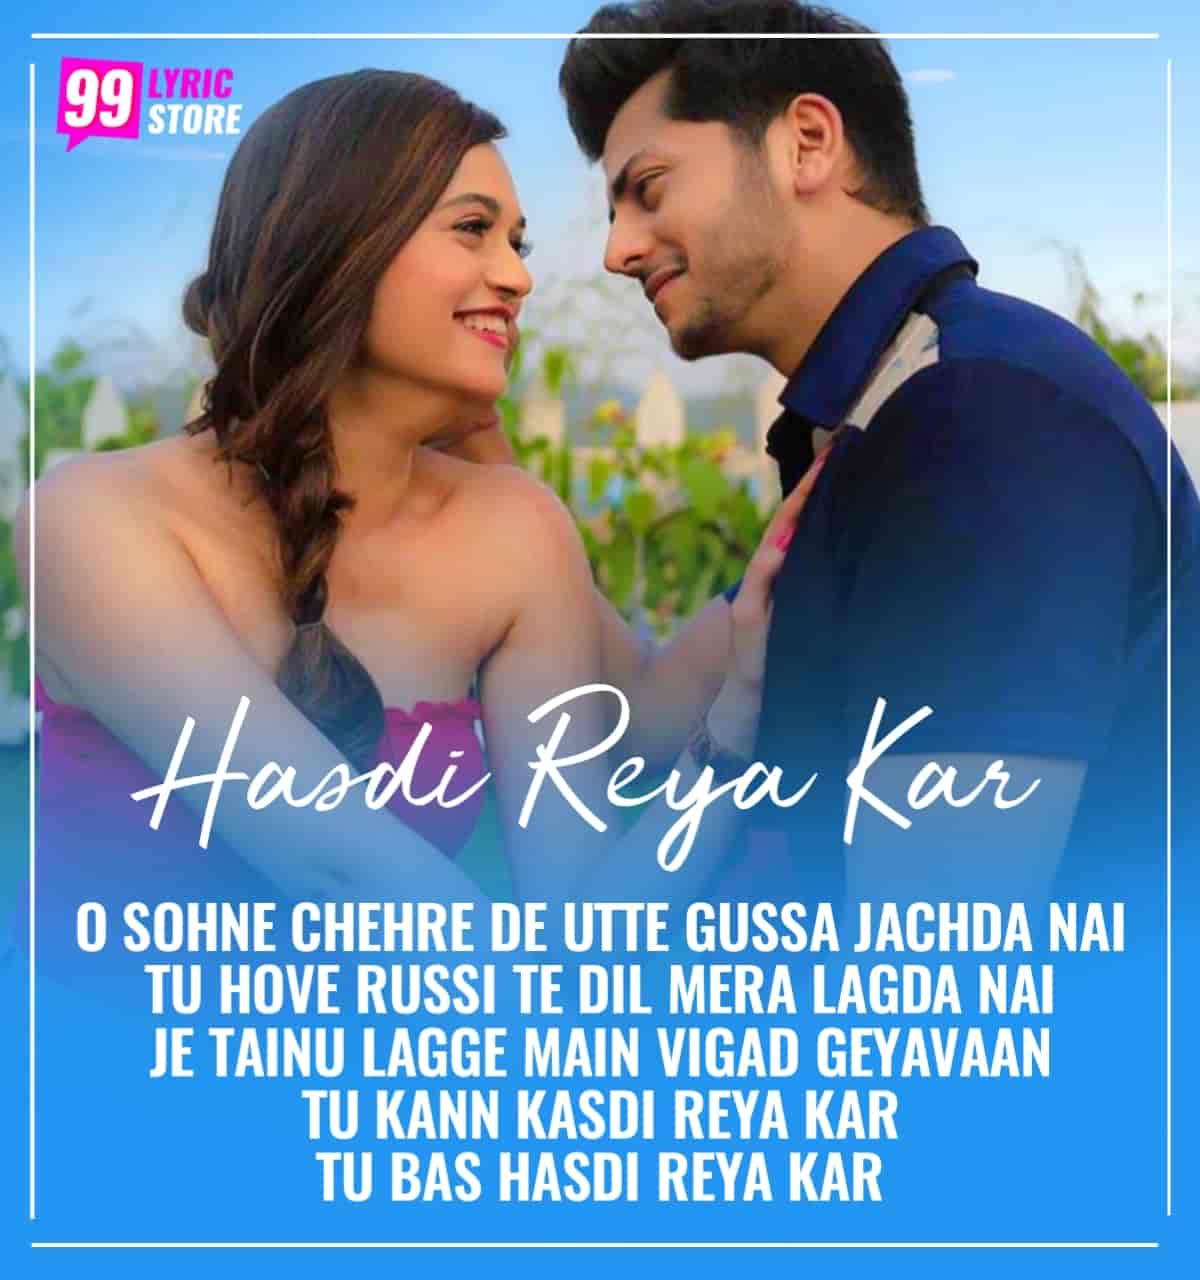 Hasdi Reya Kar Lyrics Gurnazar Abhishek Nigam And Vaishnavi Rao